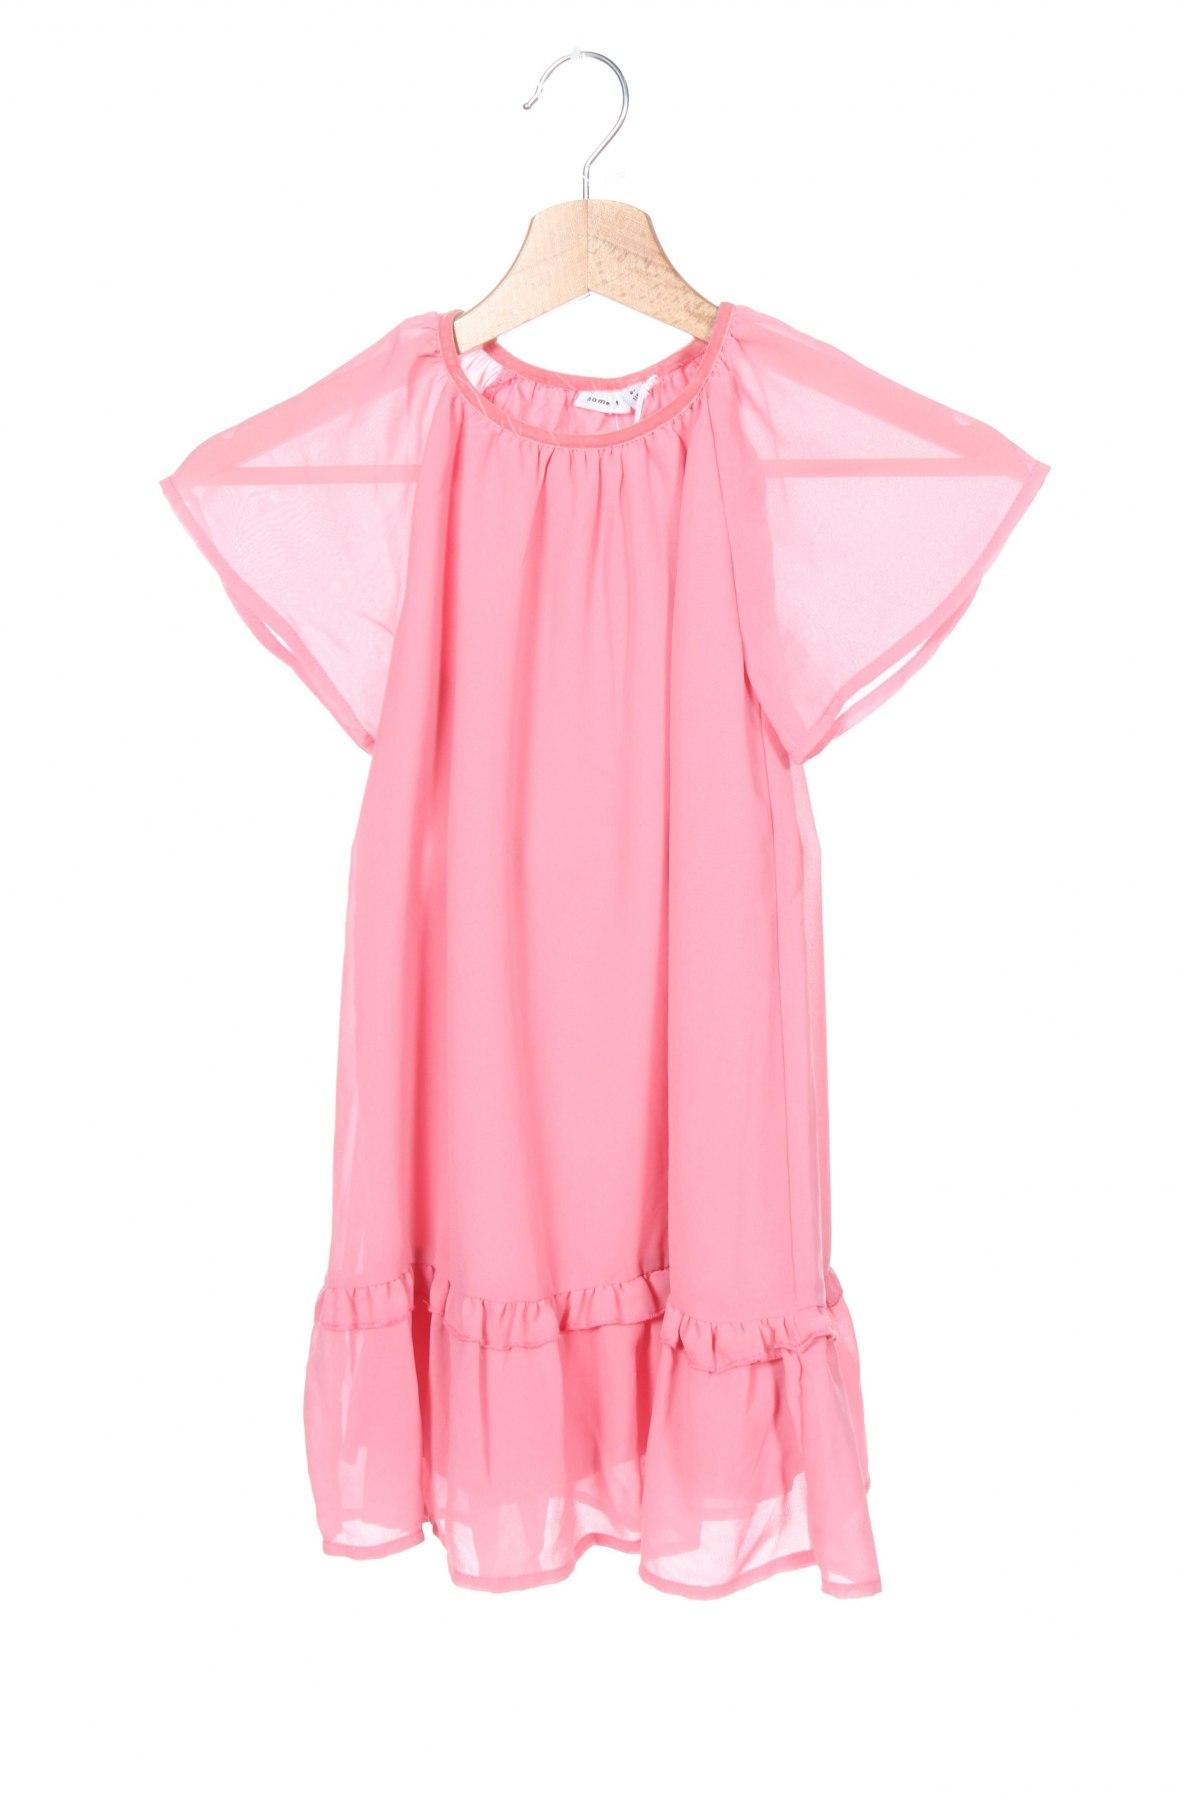 Παιδικό φόρεμα Name It, Μέγεθος 5-6y/ 116-122 εκ., Χρώμα Ρόζ , Πολυεστέρας, Τιμή 18,19€